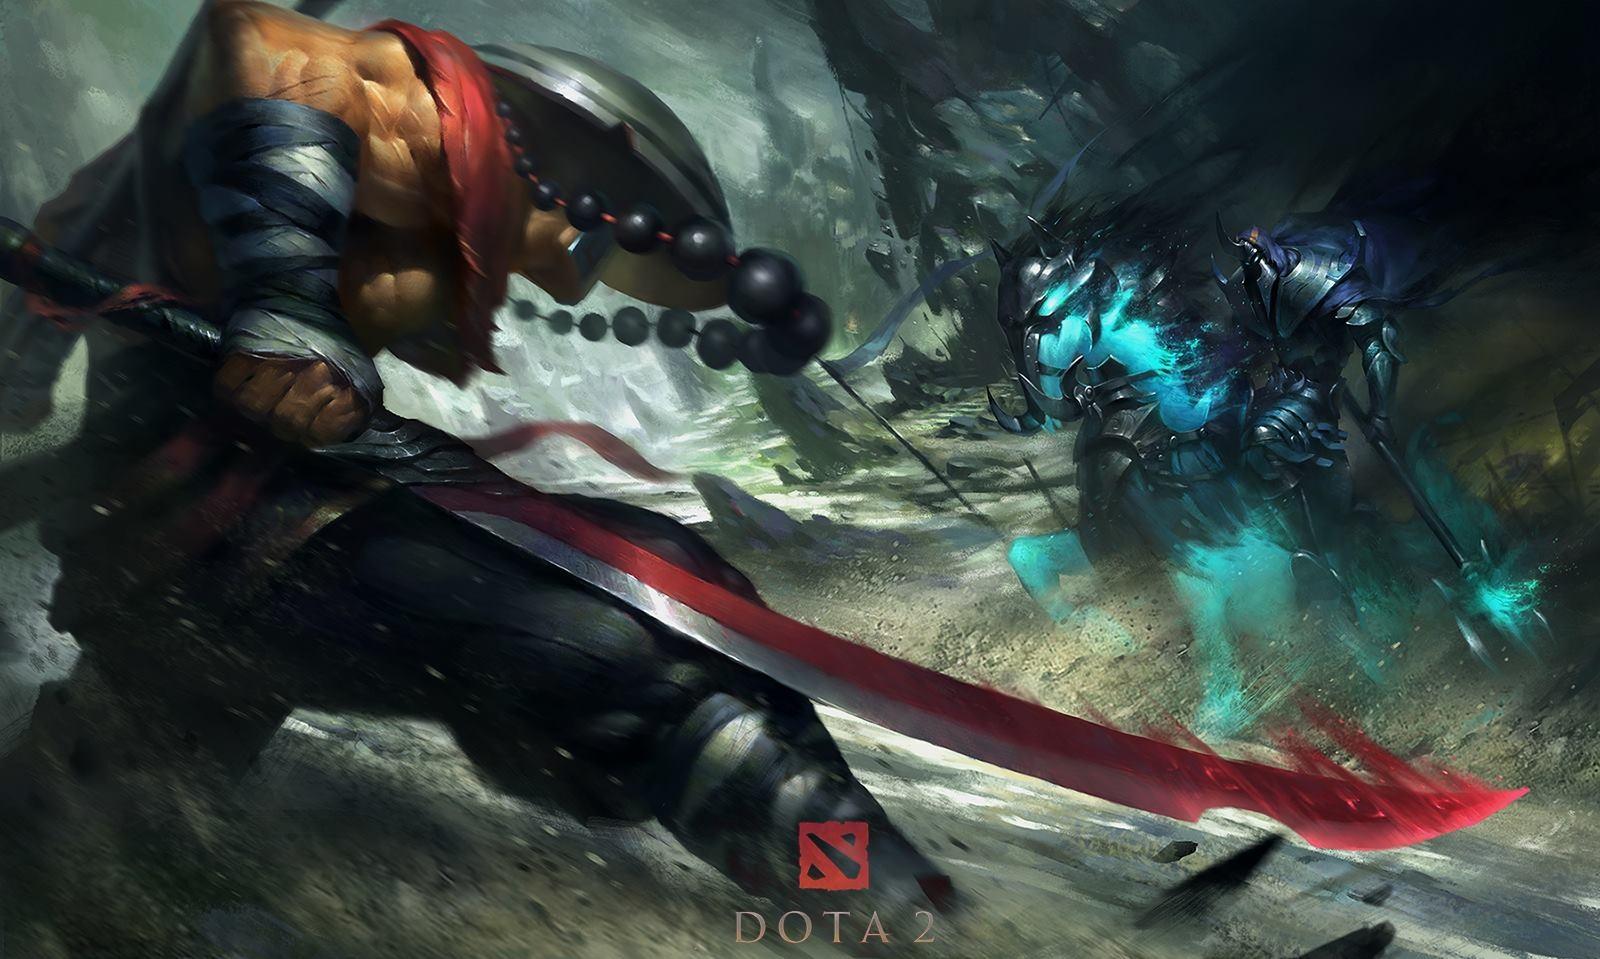 Juggernaut vs abaddon